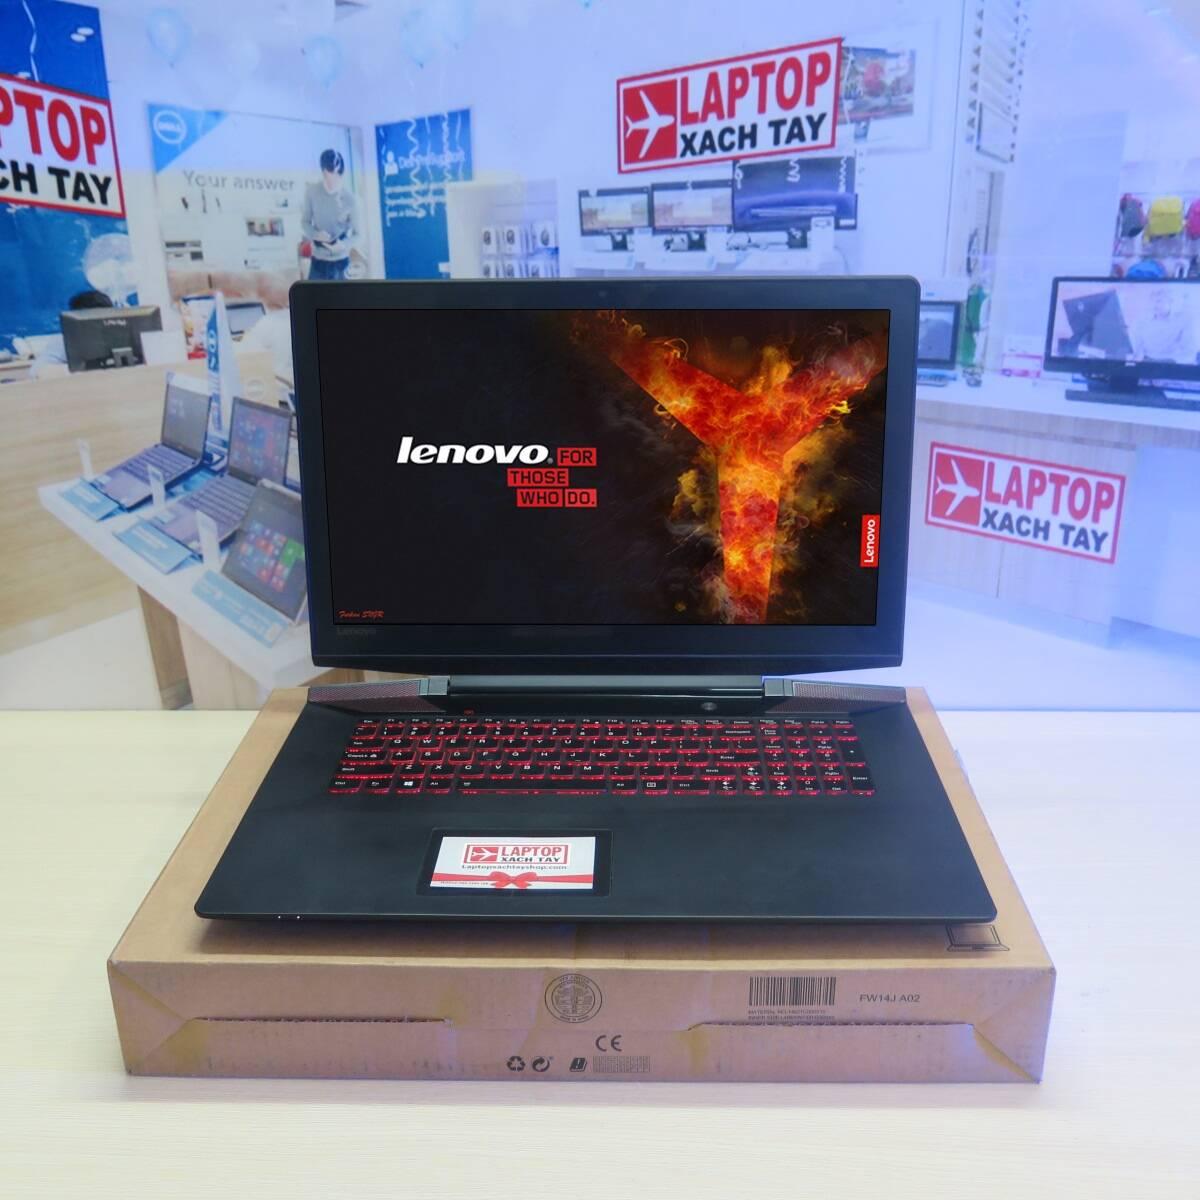 Lenovo IDeapad Y700 17ISK I7 6700HQ RAM 8GB M2 SATA 256GB HDD 1TB